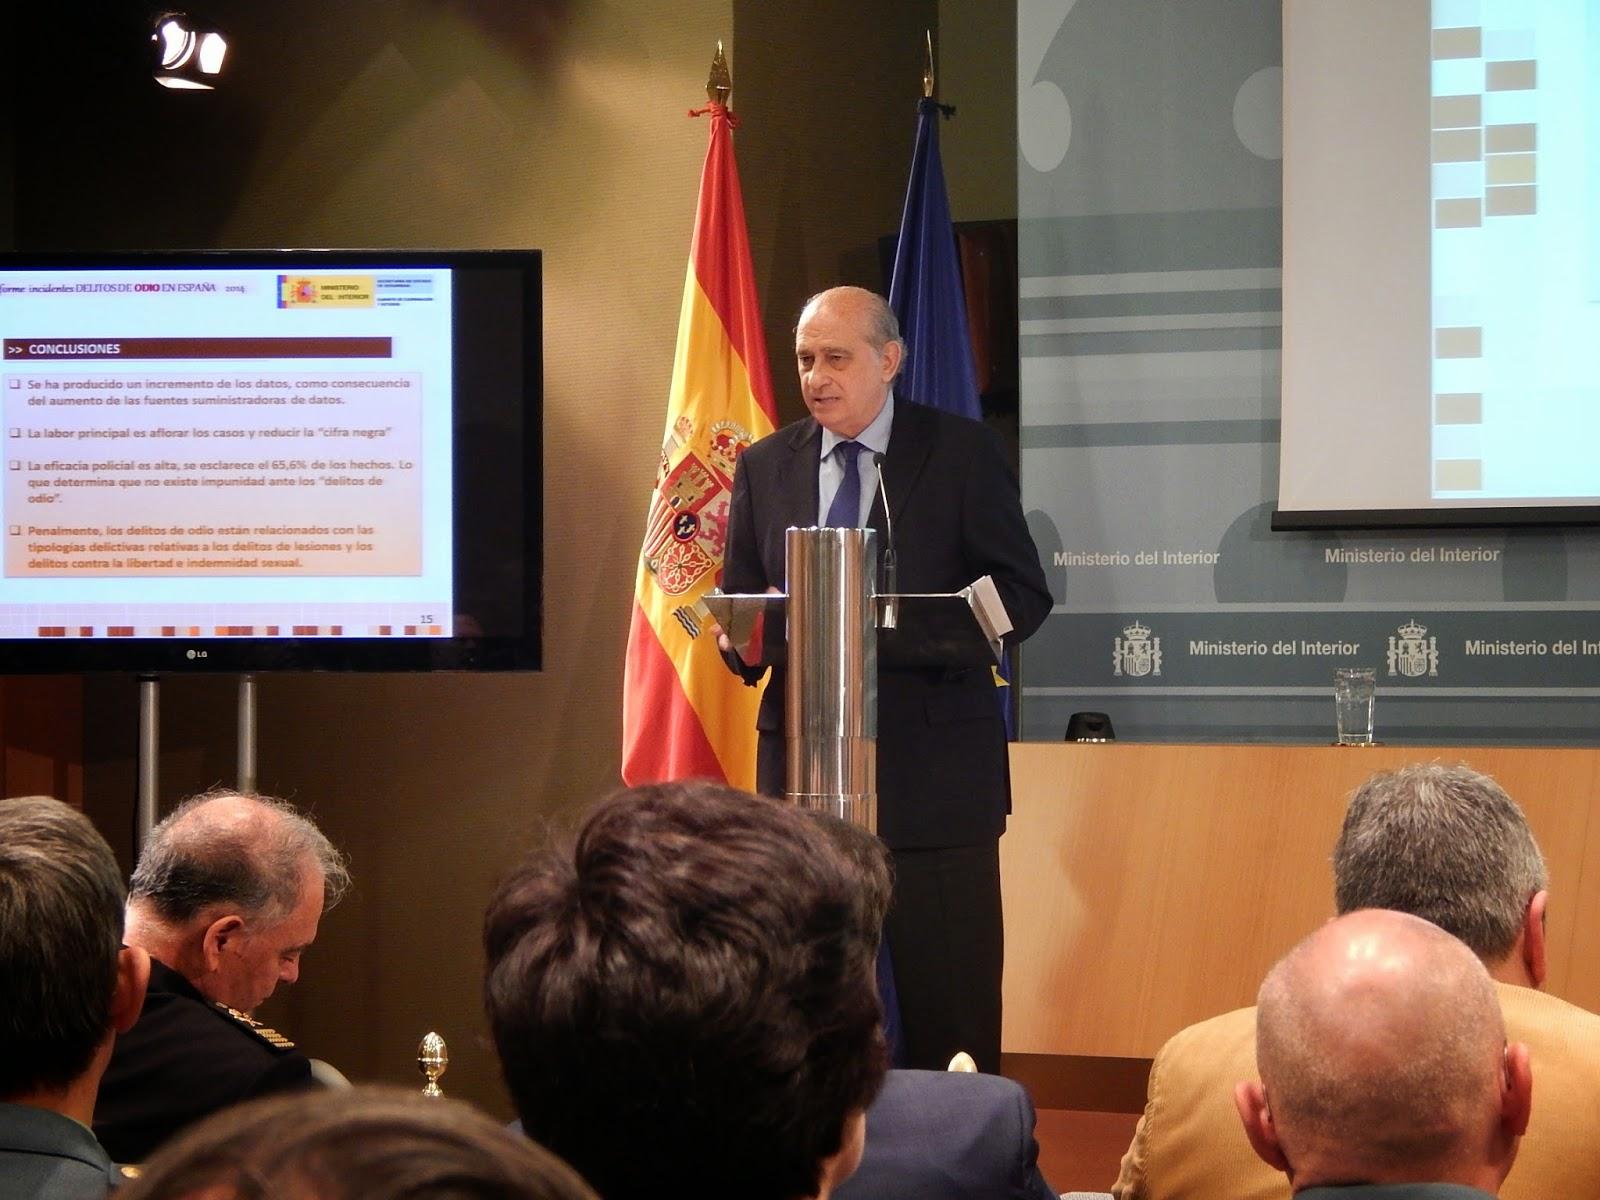 El ministro del Interior, Jorge Fernández Díaz, durante la presentación del Informe 2014 sobre los delitos de odio en España